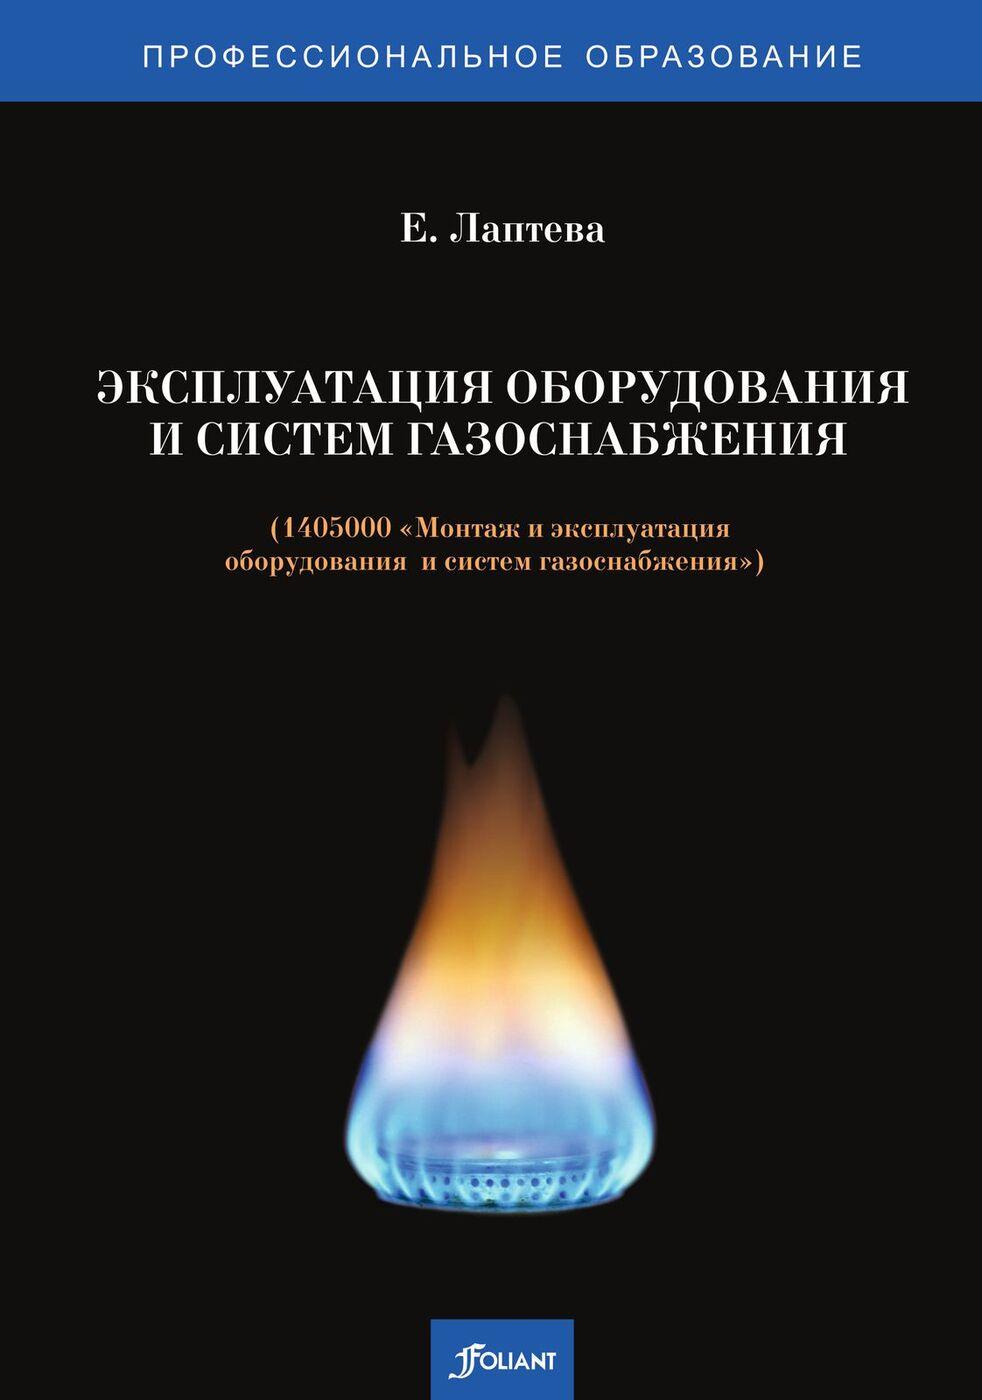 Эксплуатация оборудования и систем газоснабжения (1405000 \